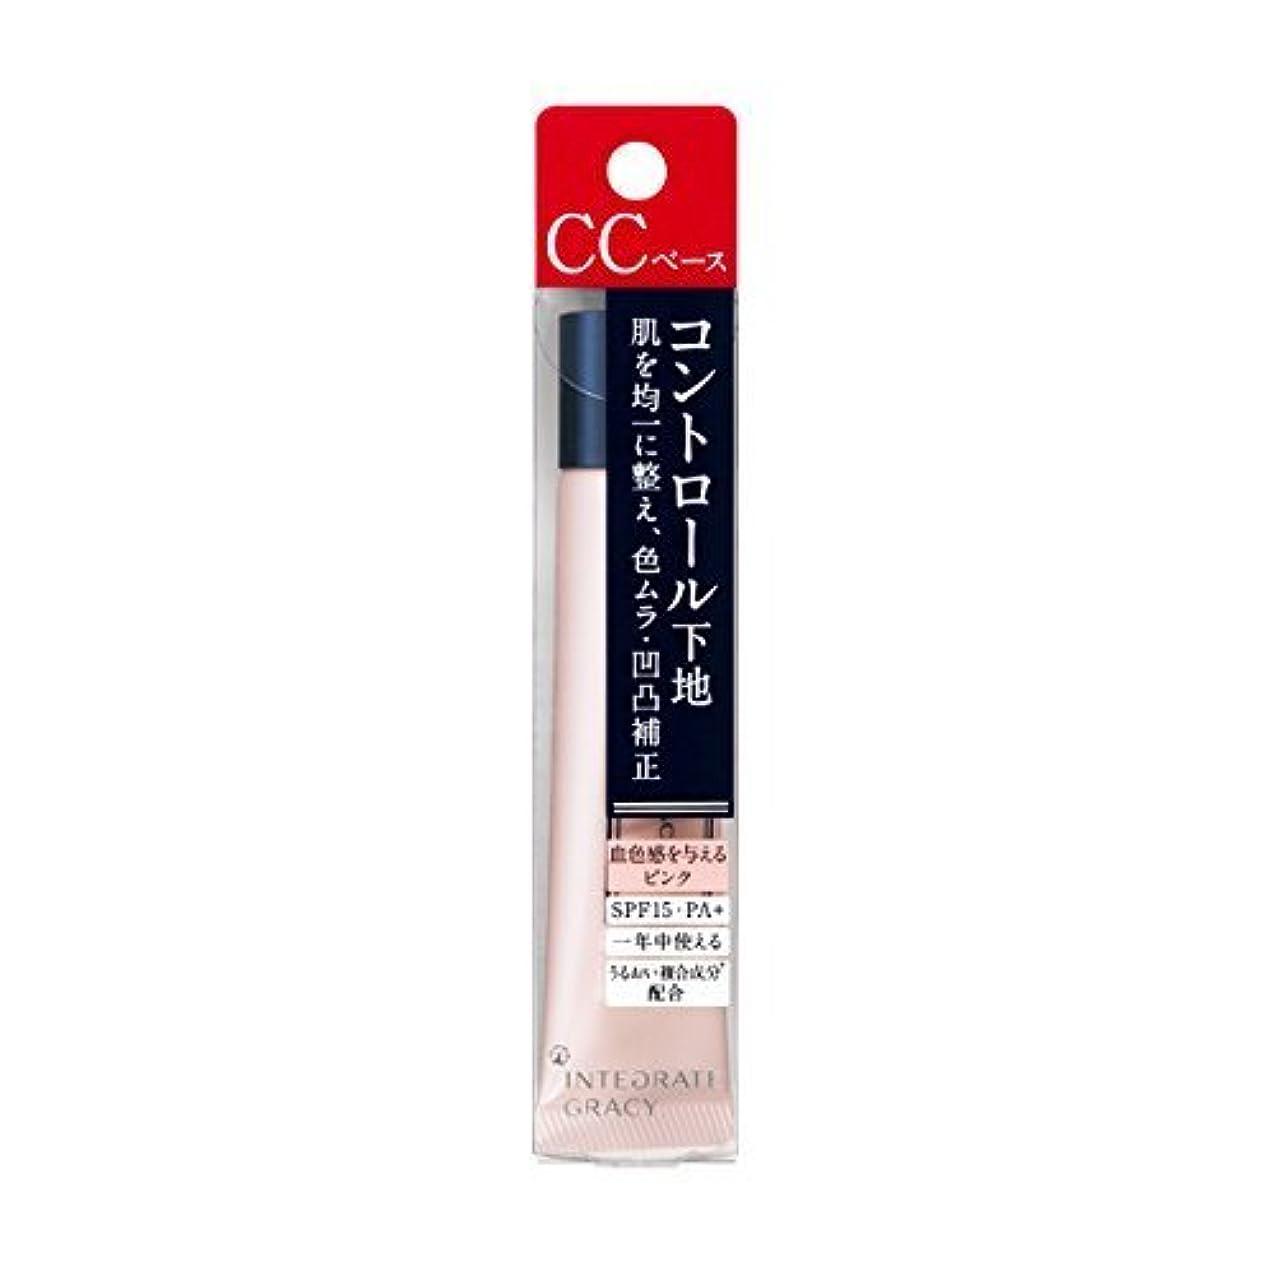 ホップ評判シェルターインテグレート グレイシィ コントロールベース (ピンク) 25g×3個